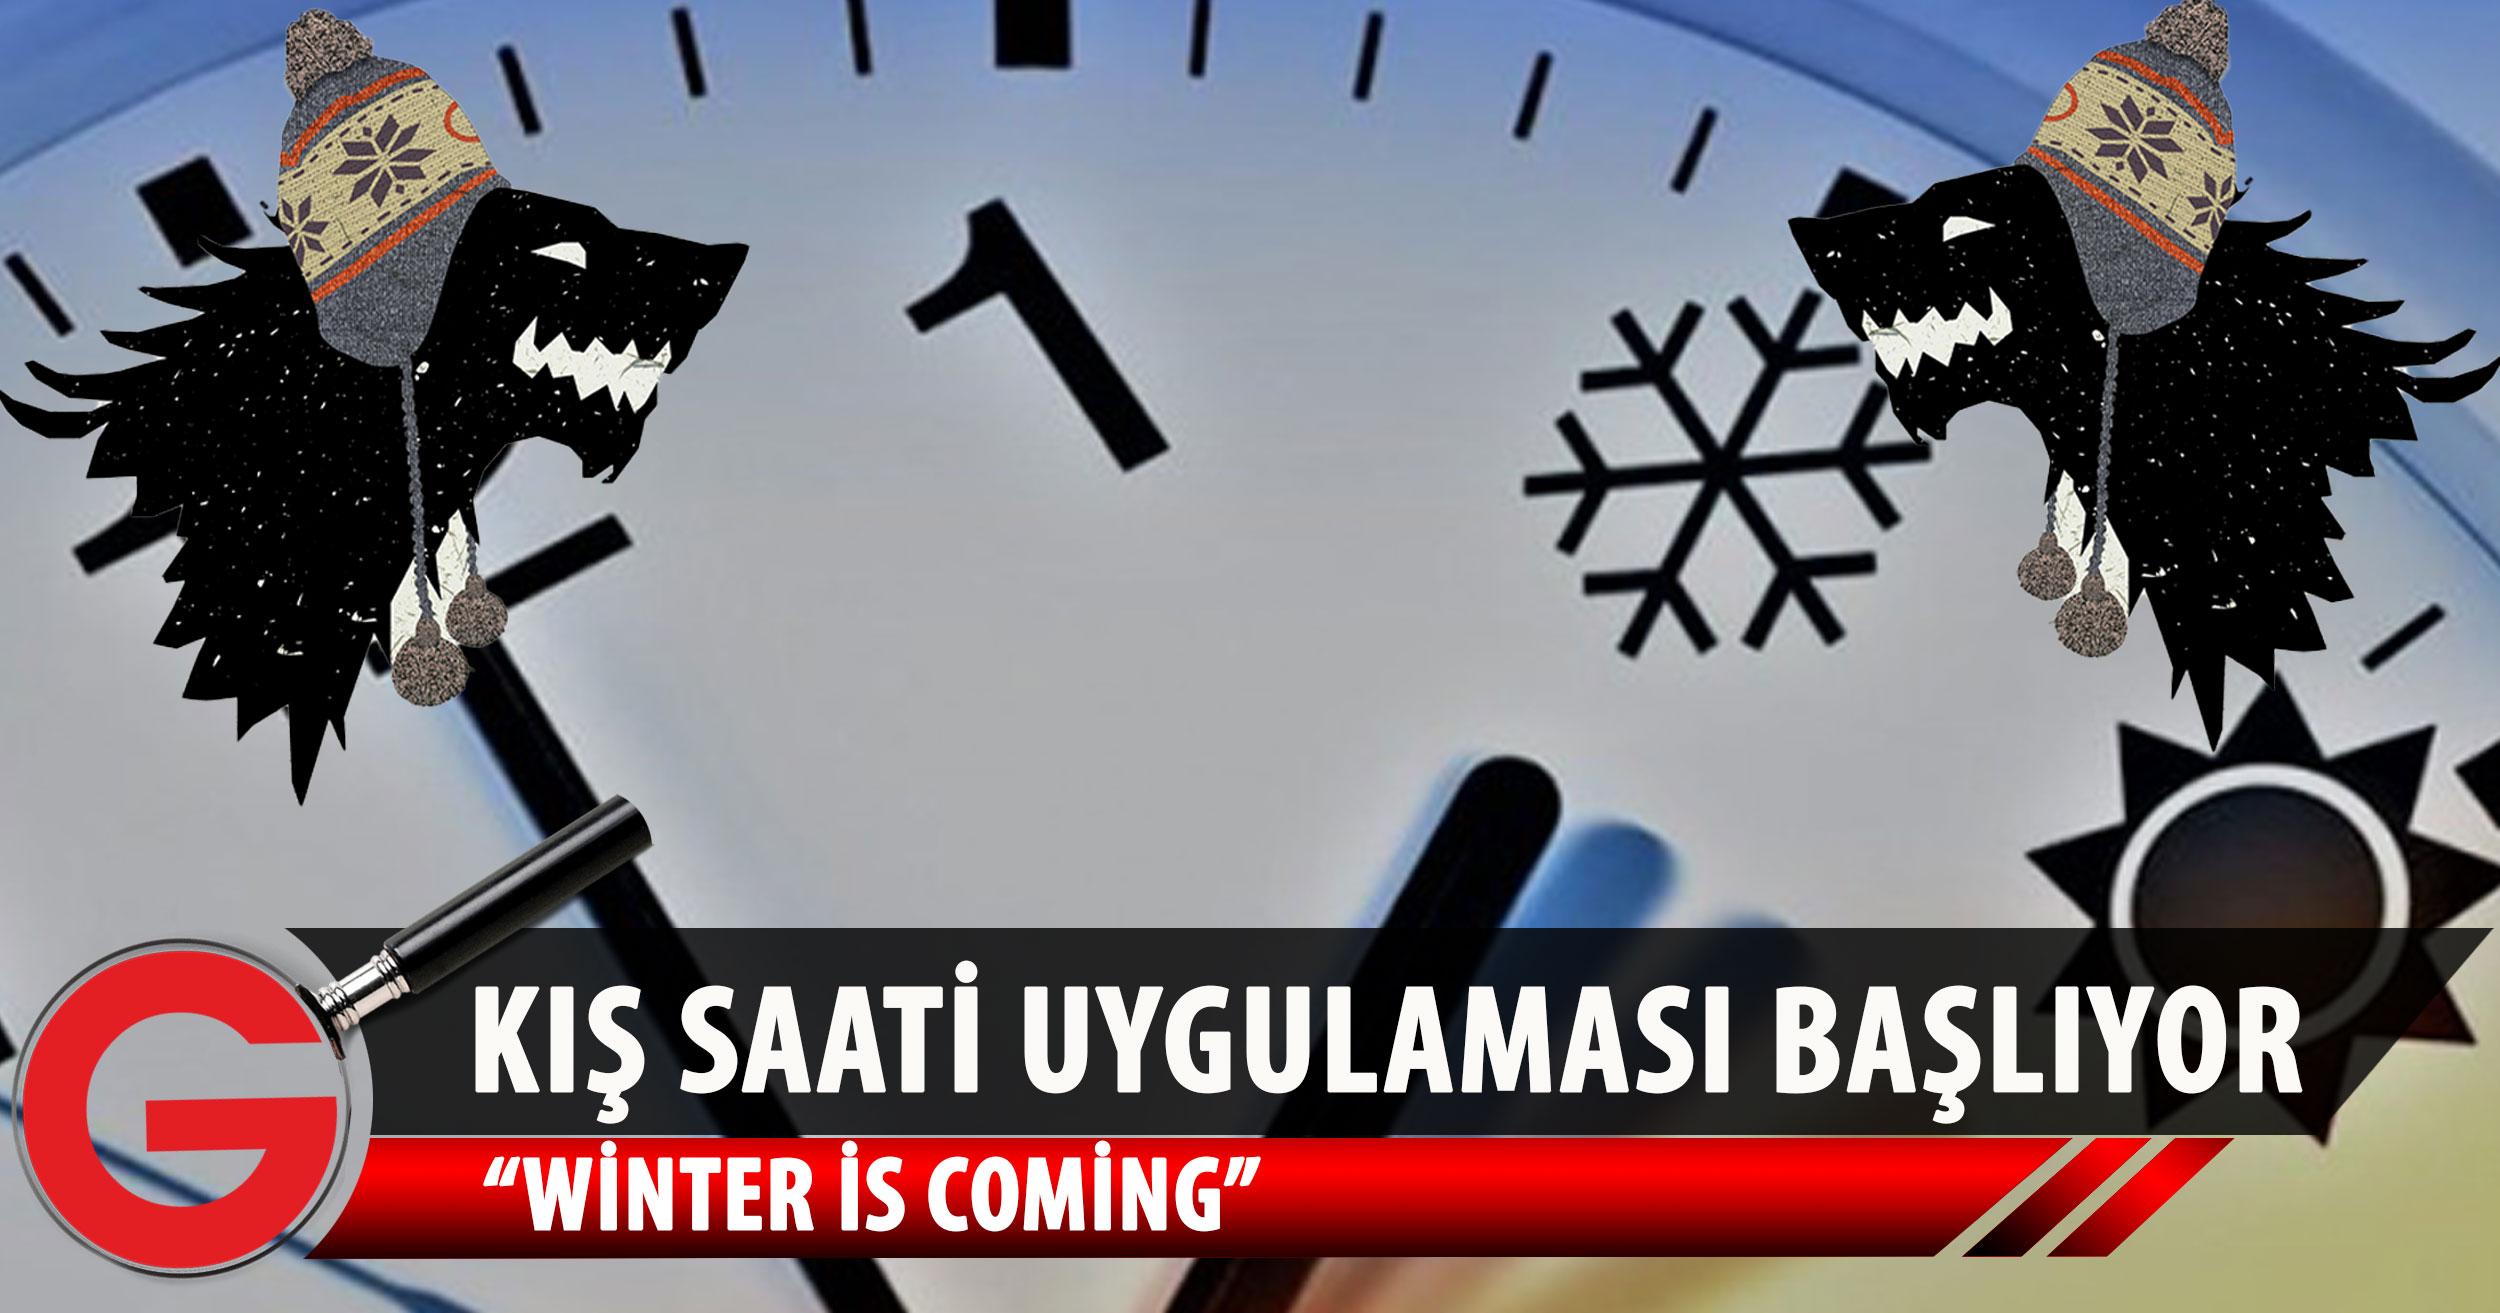 Kış saati uygulaması başlıyor!